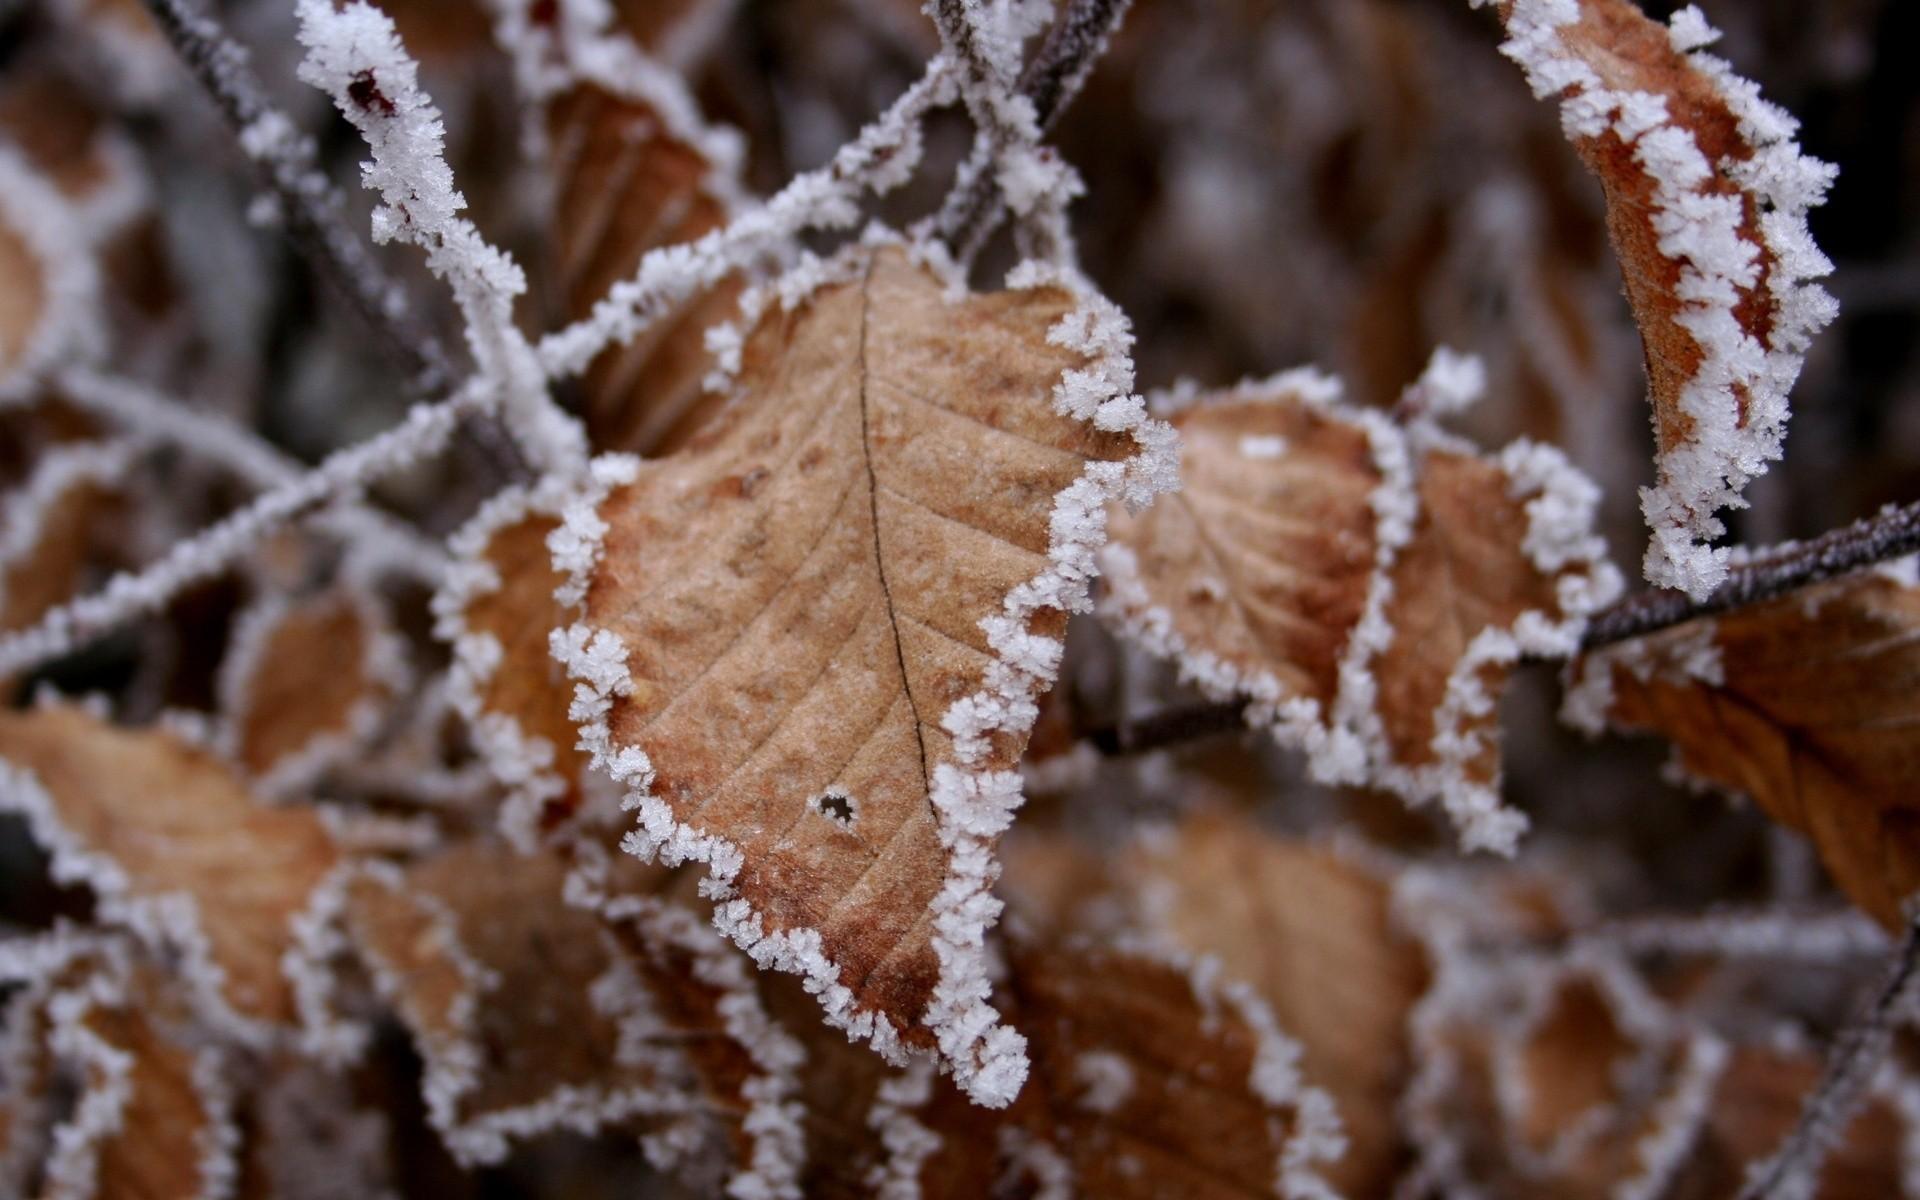 листья изморозь бесплатно